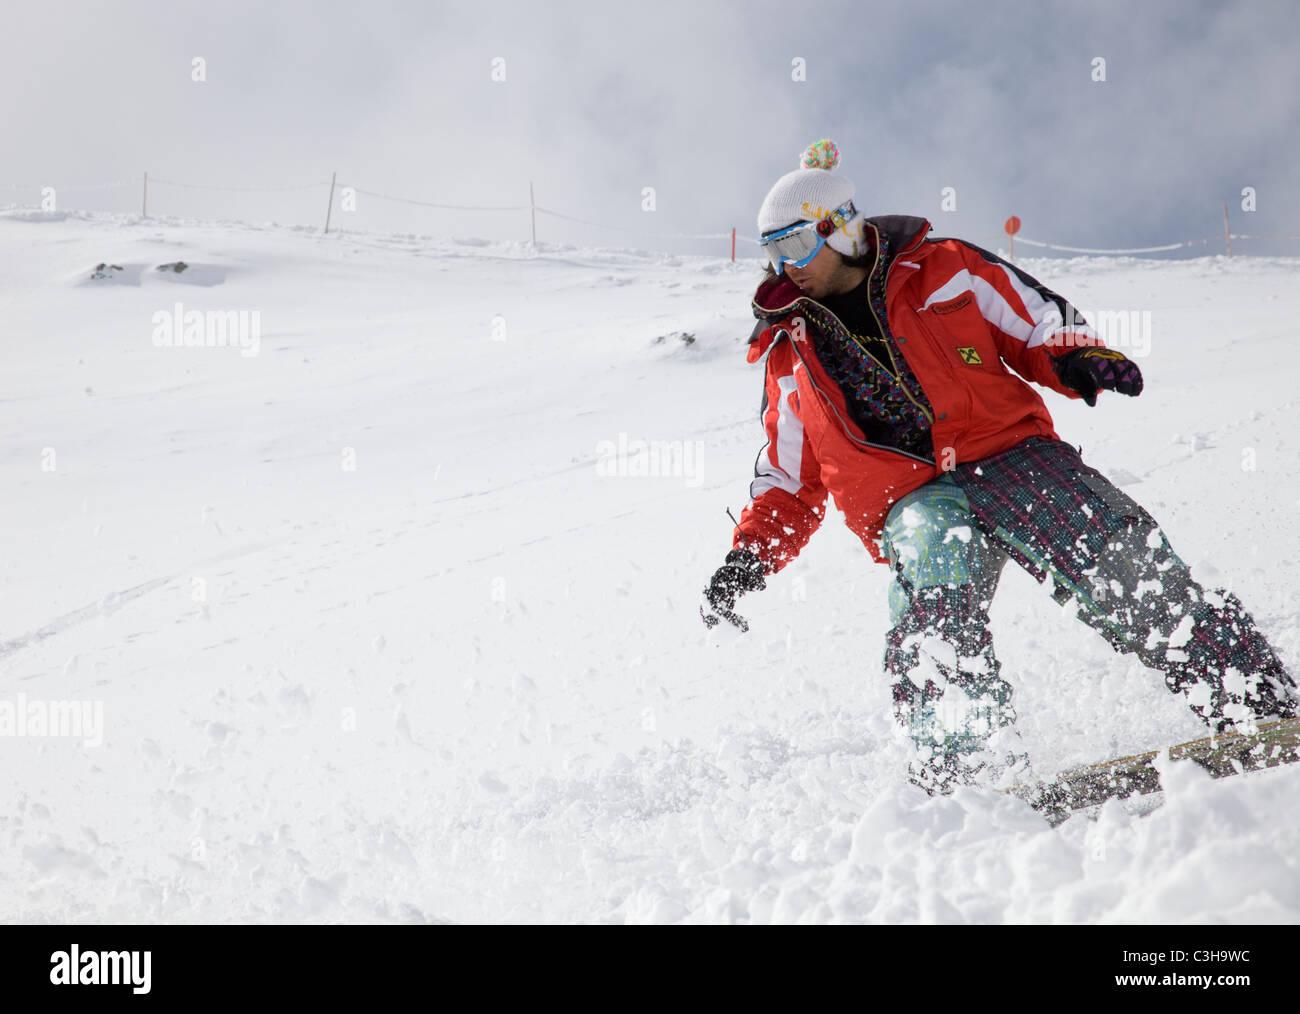 Snowboarder beim Tiefschnee fahren, Hochpustertal, Osttirol, Österreich Stock Photo